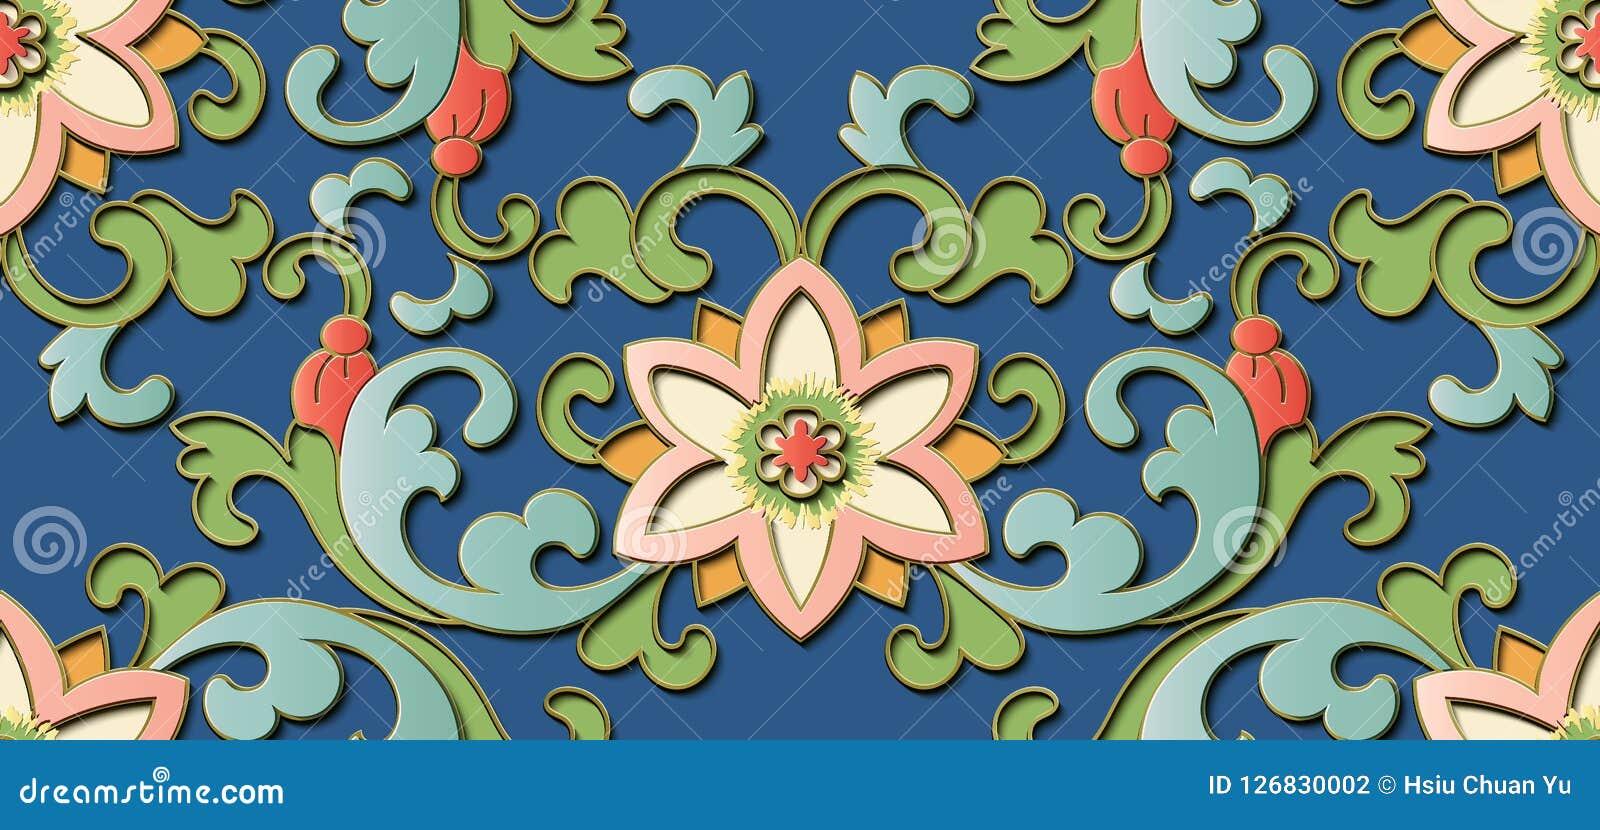 Seamless relief sculpture decoration retro pattern Chinese botanic garden flower leaf spiral cross vine